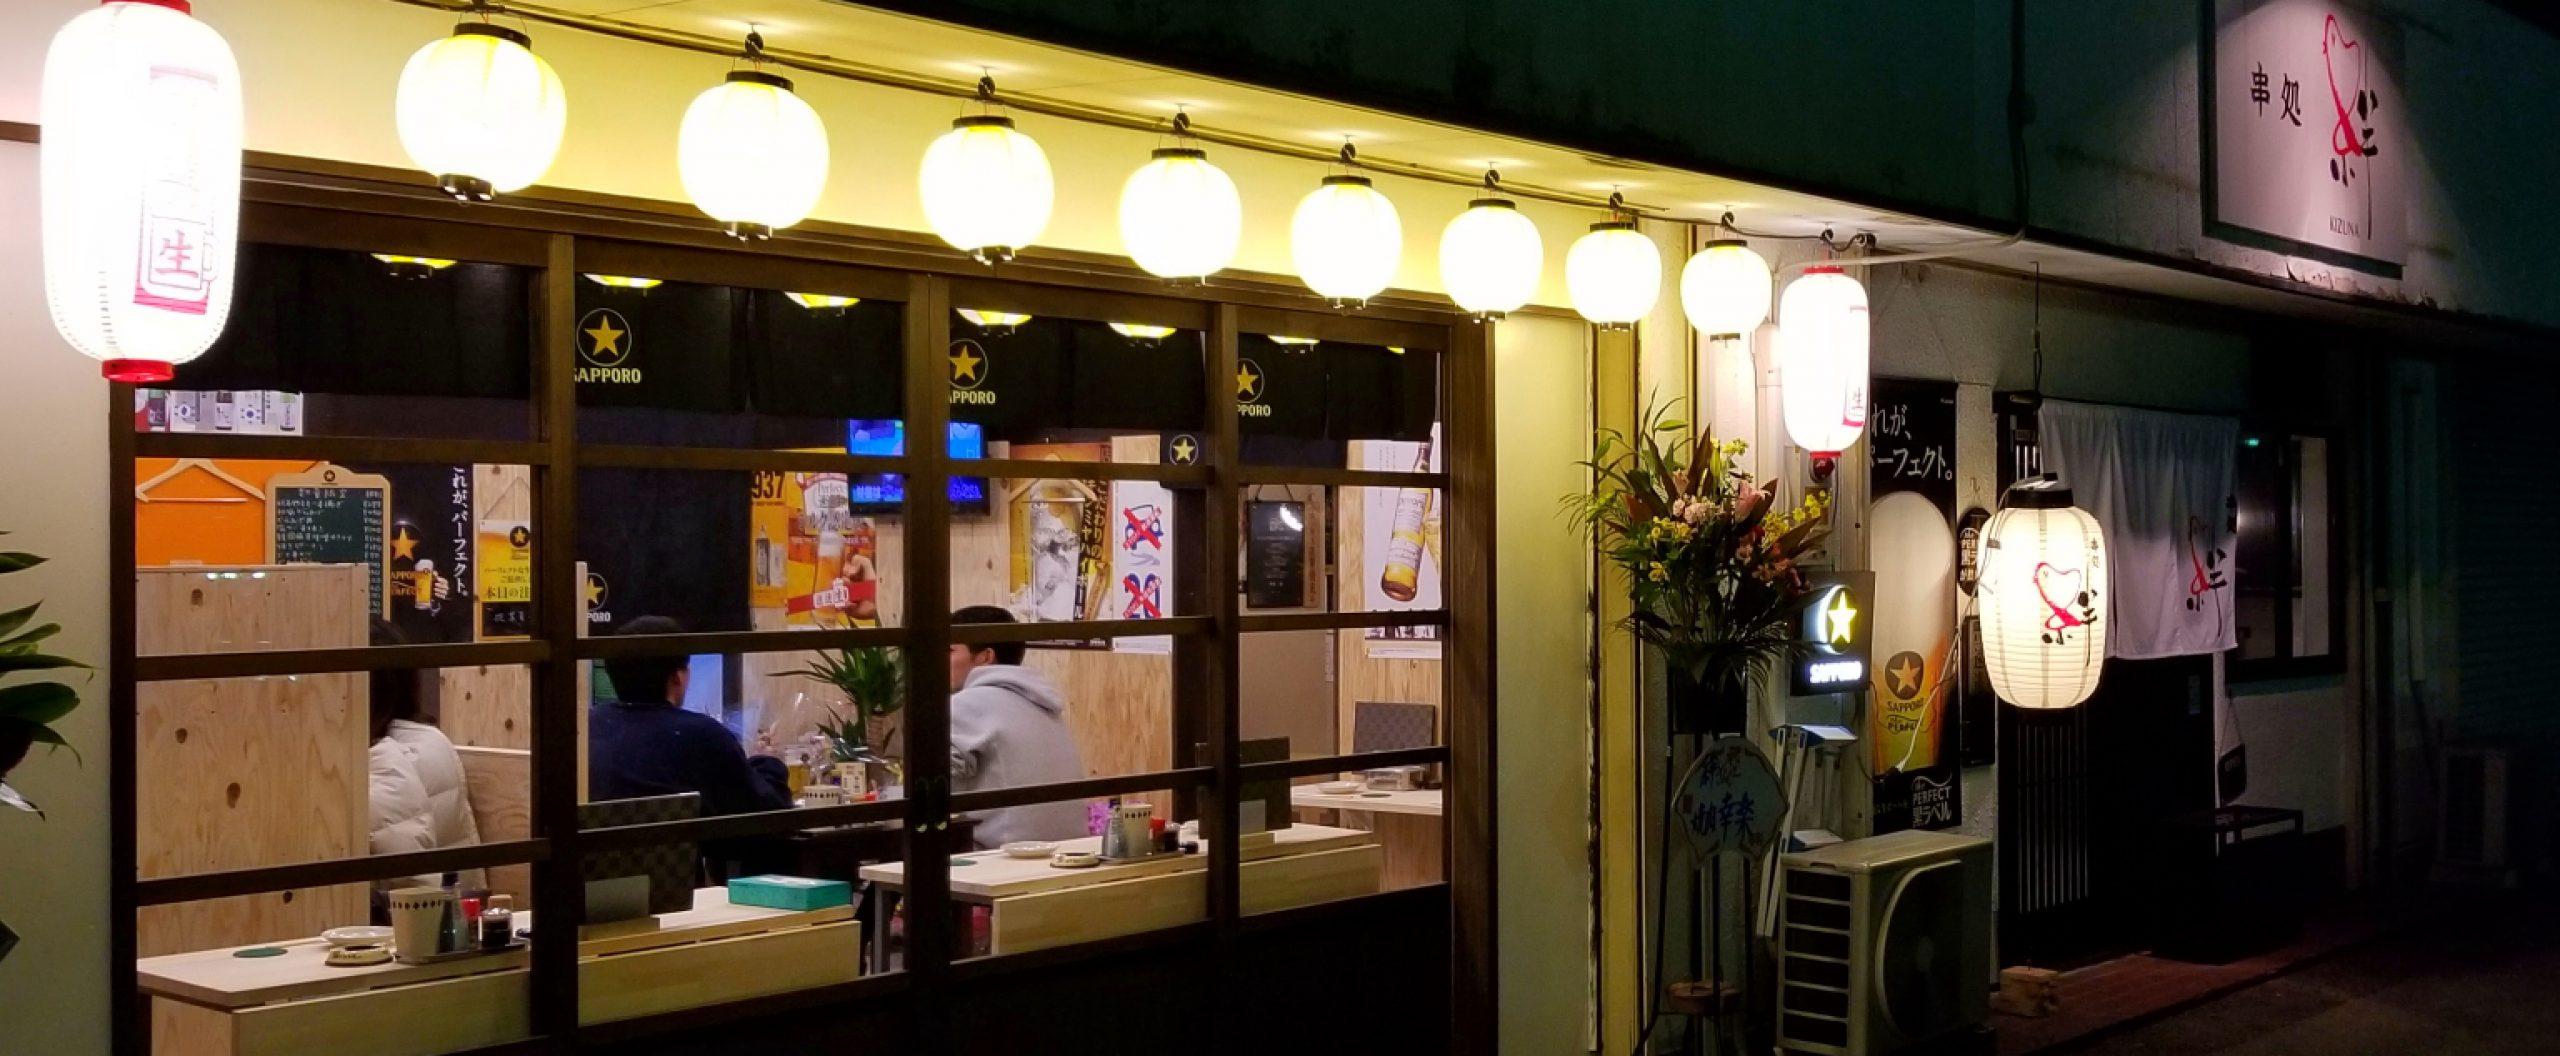 三重県四日市市の焼き鳥・串揚げ・居酒屋